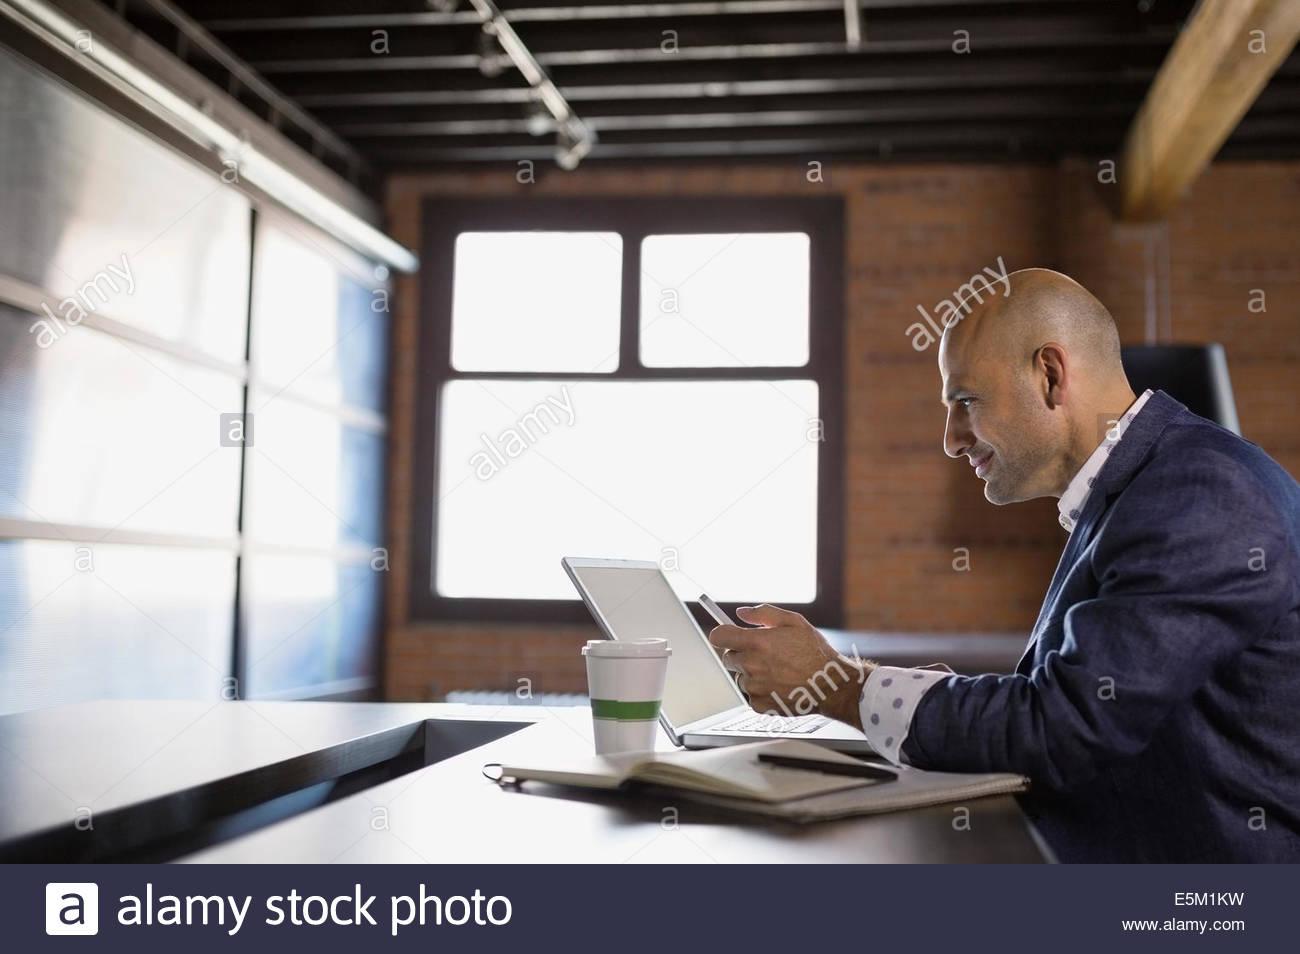 Uomo d affari con computer portatile e un telefono cellulare in cafe Immagini Stock